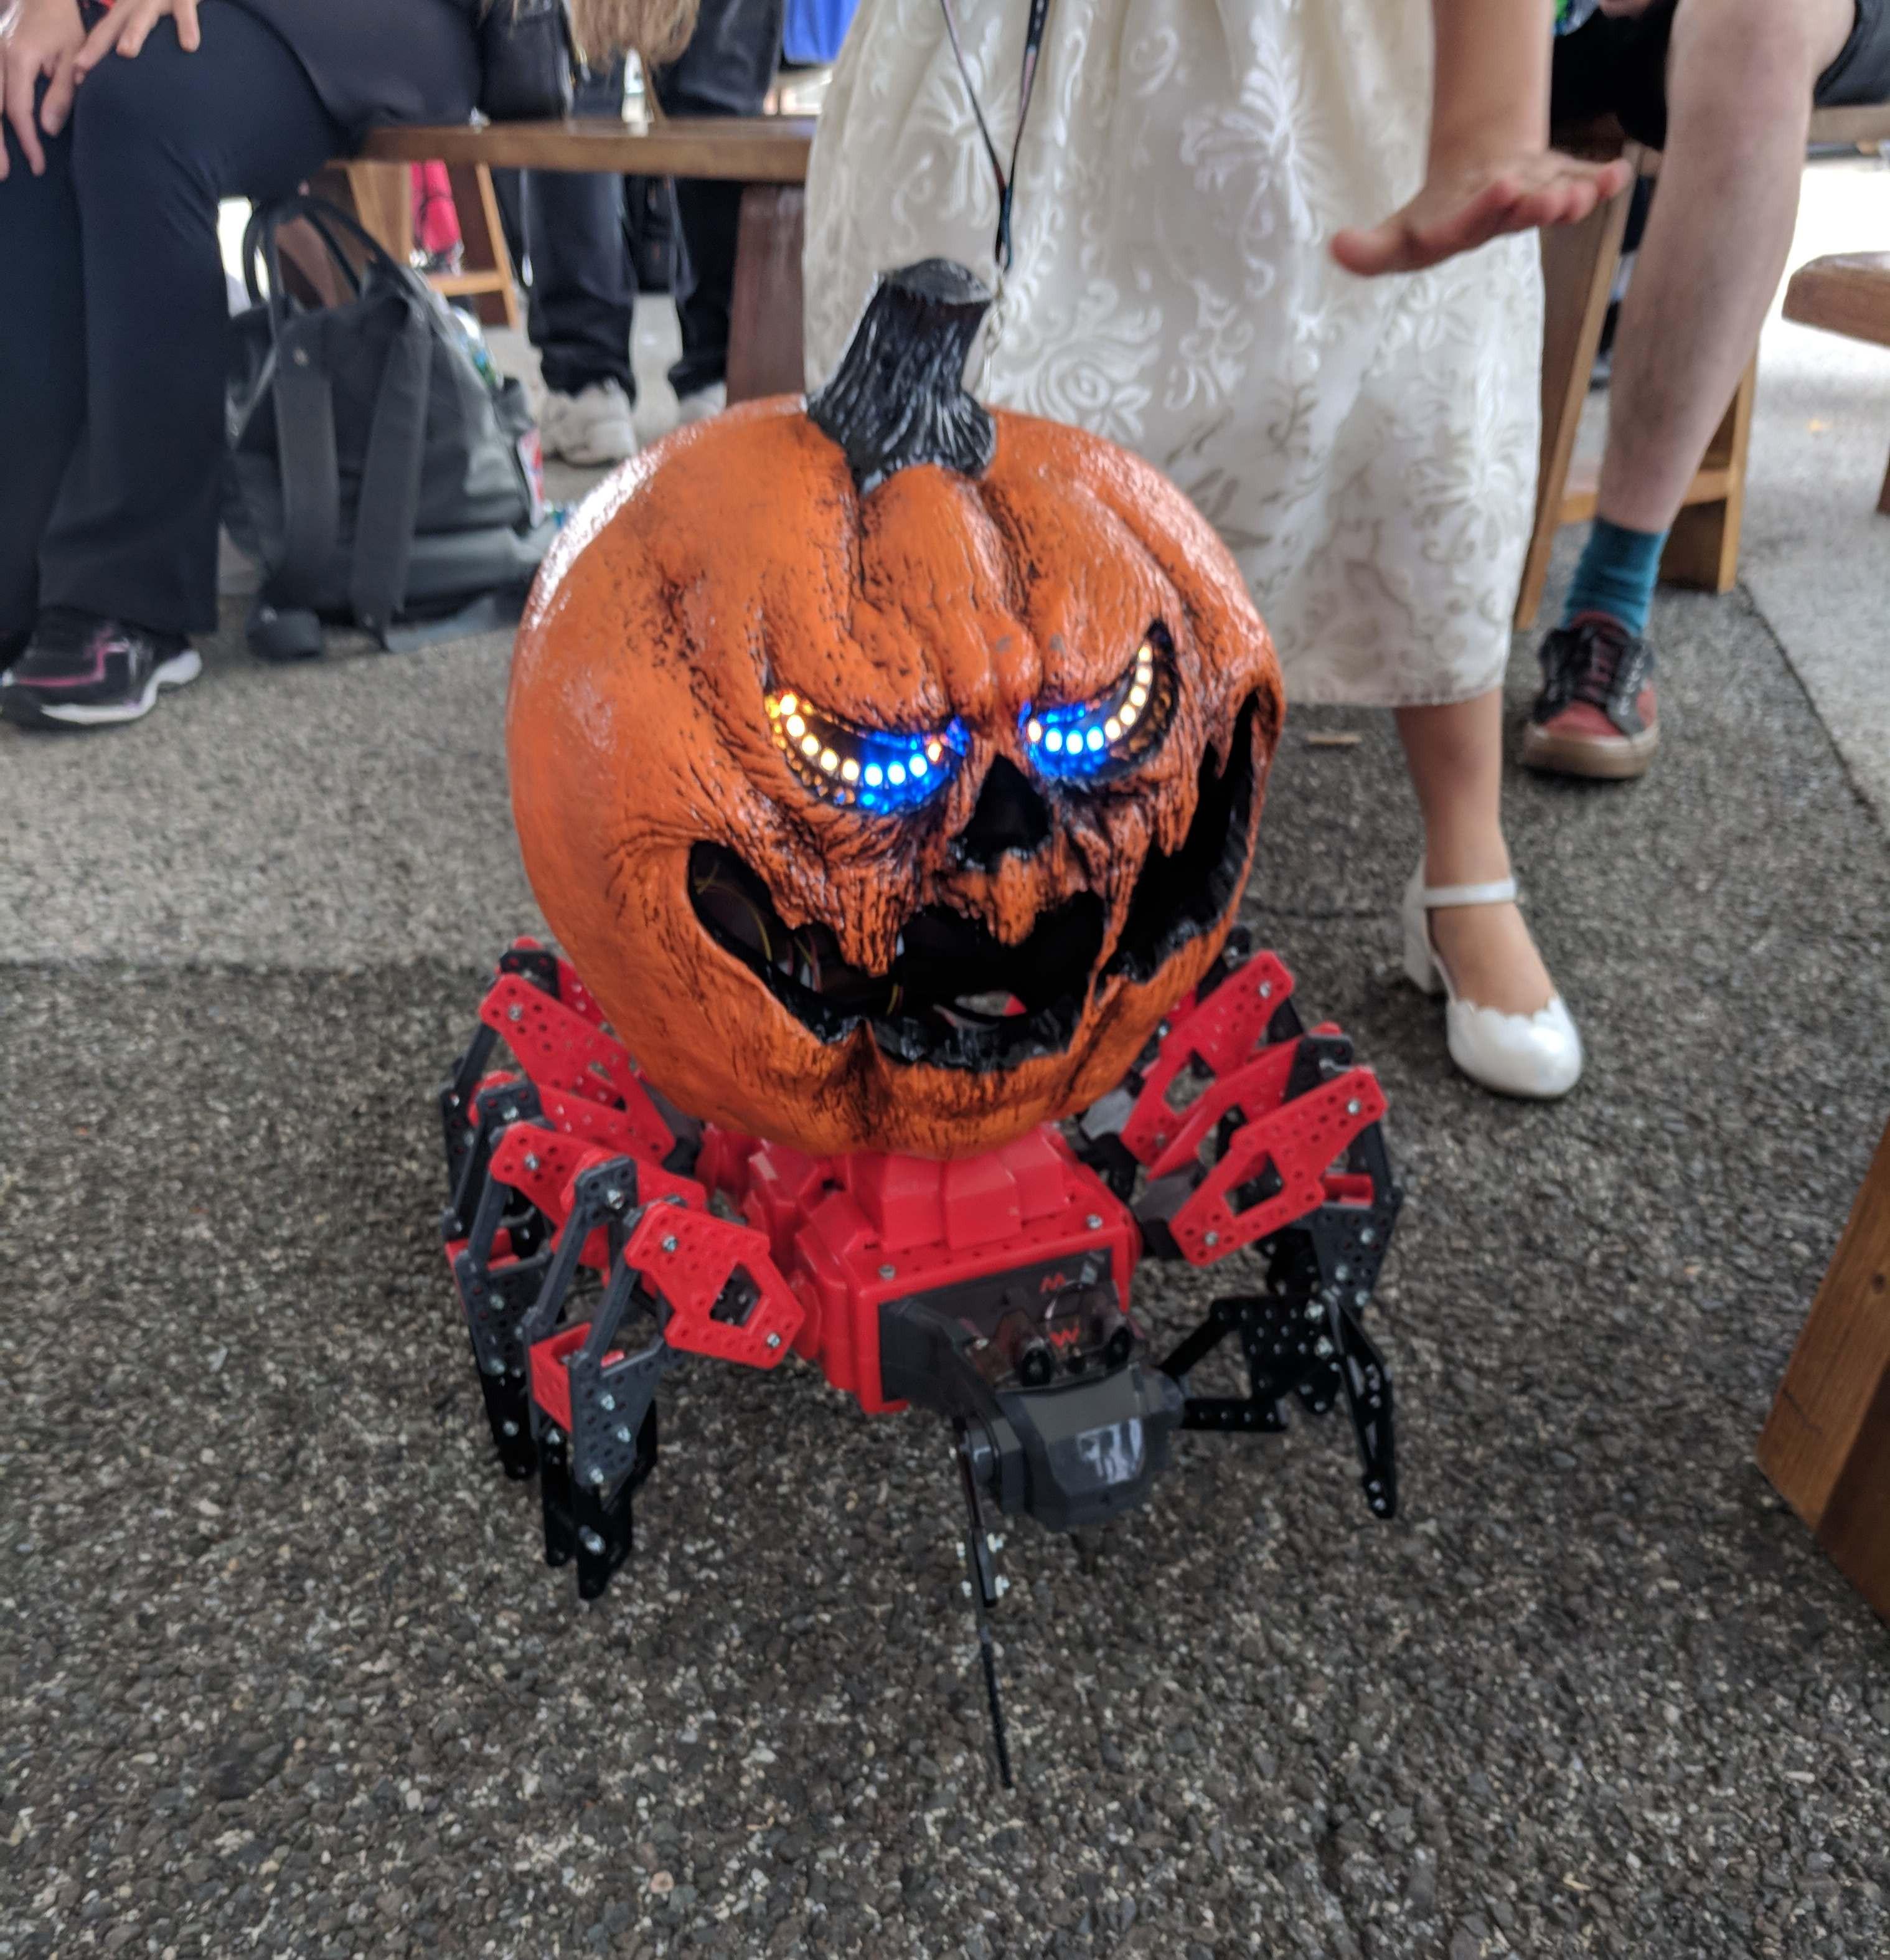 Radioactive Pumpkin Seeds Fallout 76  'Pumpkinstein' is a Spooktacular MeccaSpider & Pumpkinbot